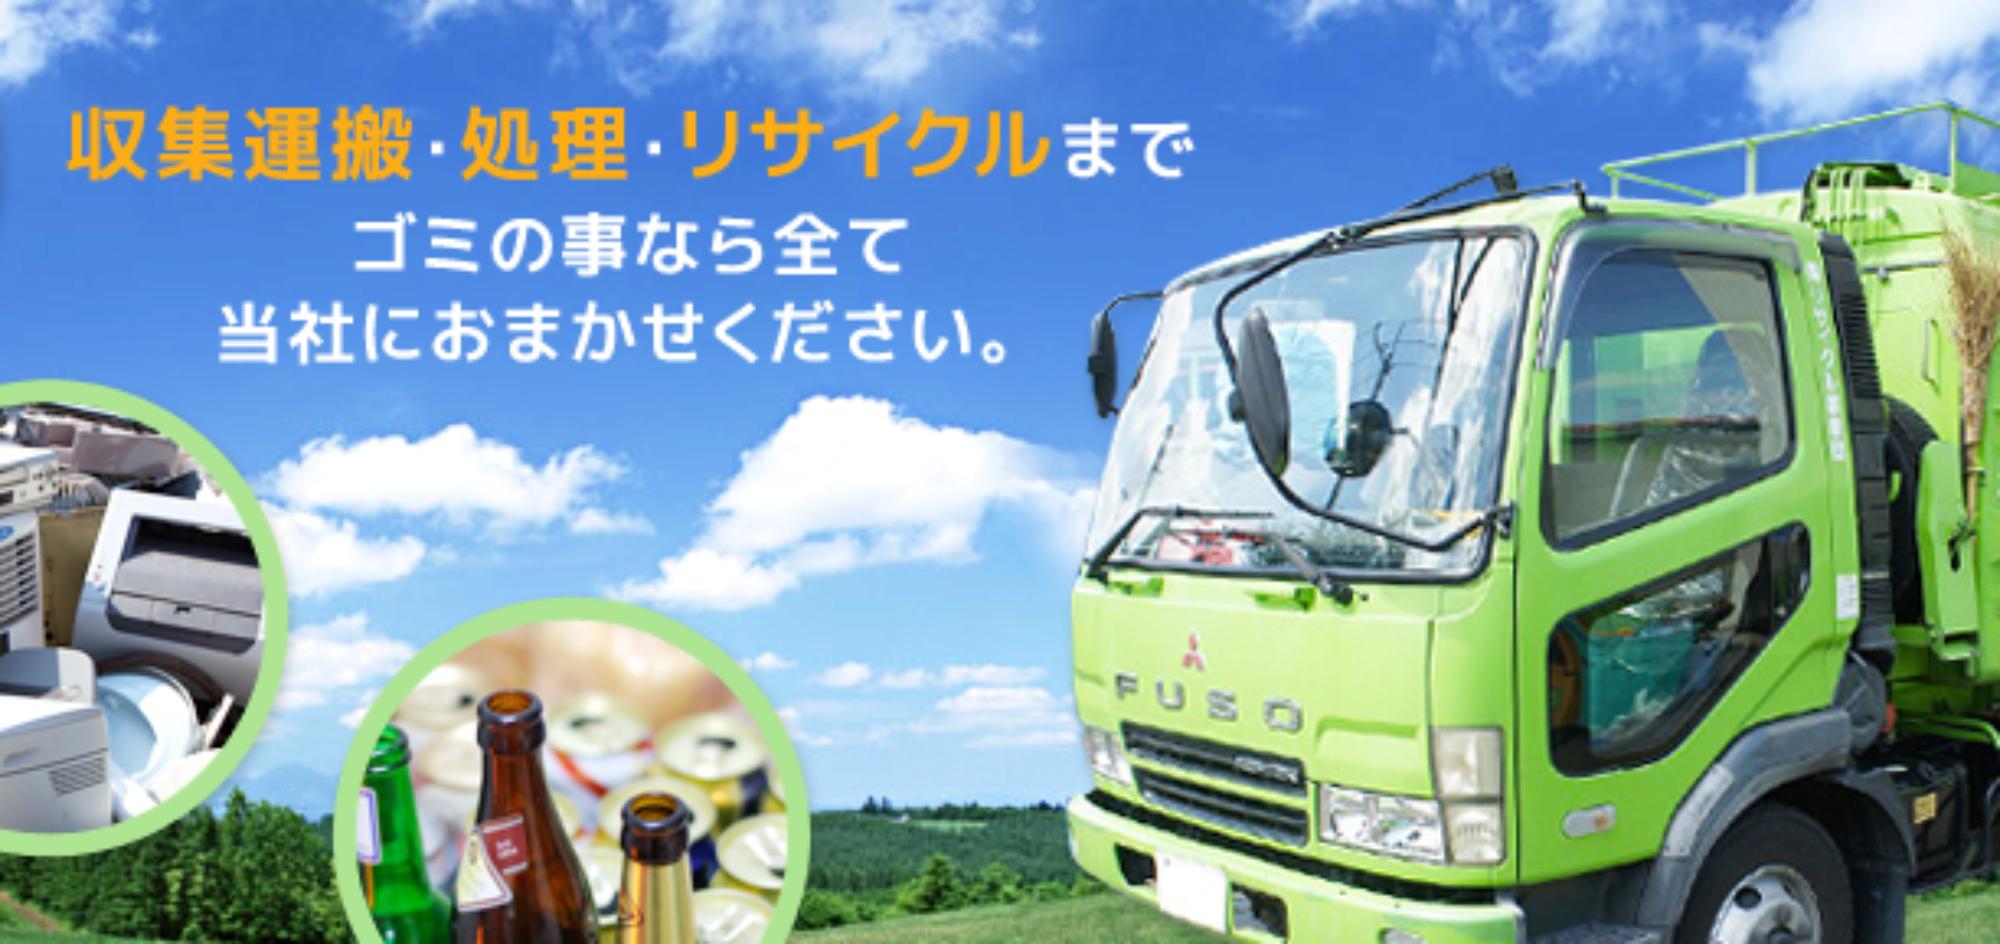 廃棄物回収業務 阪本清掃